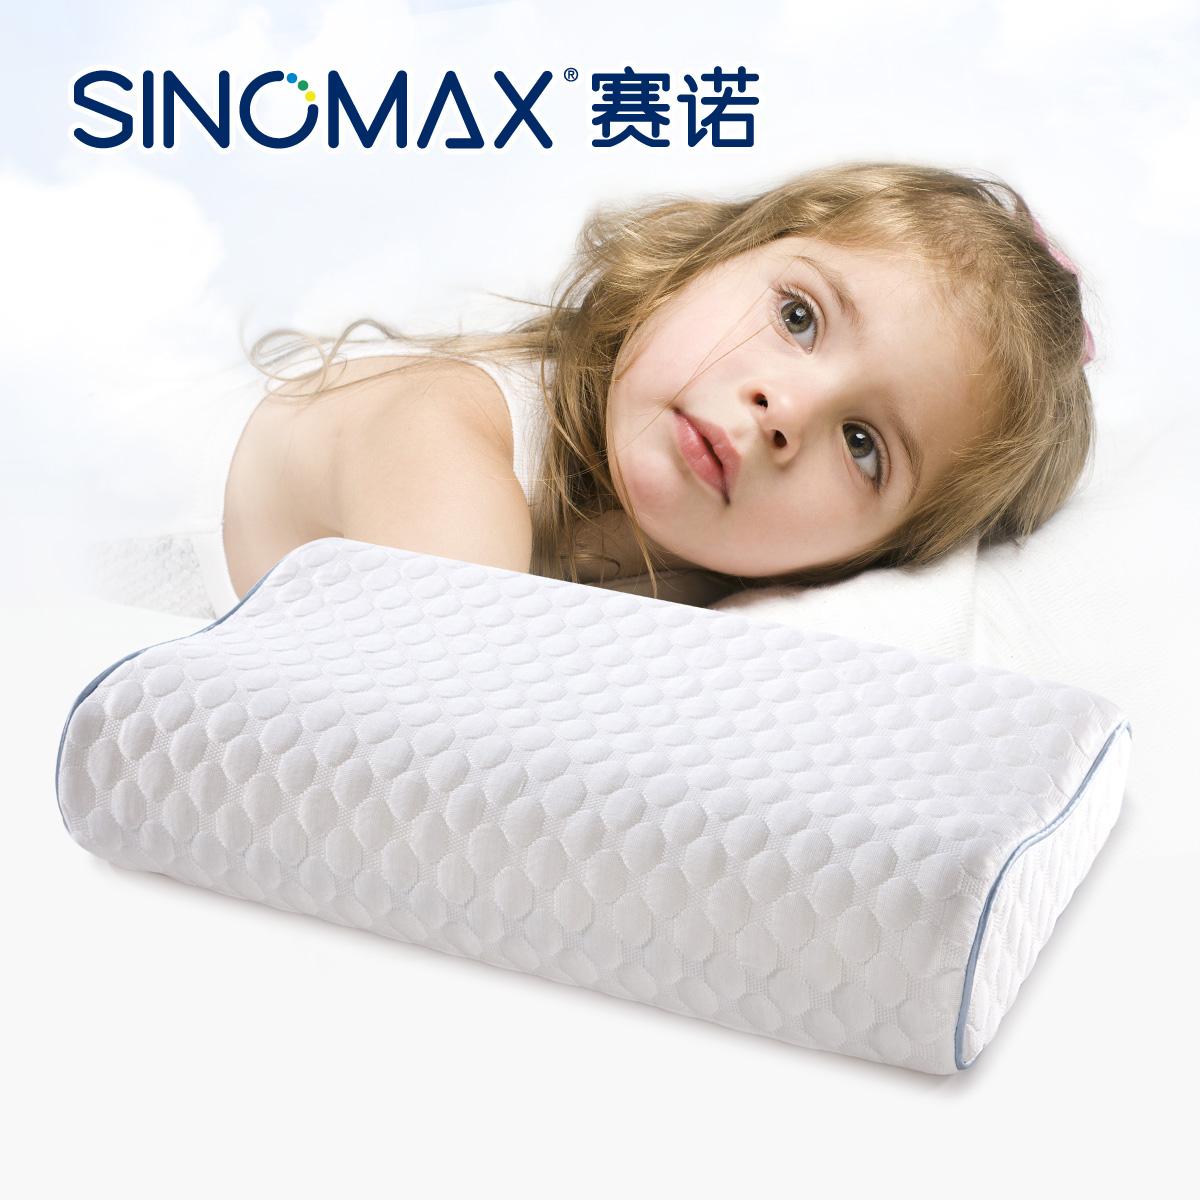 SINOMAX матч обещание ребенок подушка зима теплый прохладно летом издание память хлопок подушка медленный отскок студент подушка три регулируемый